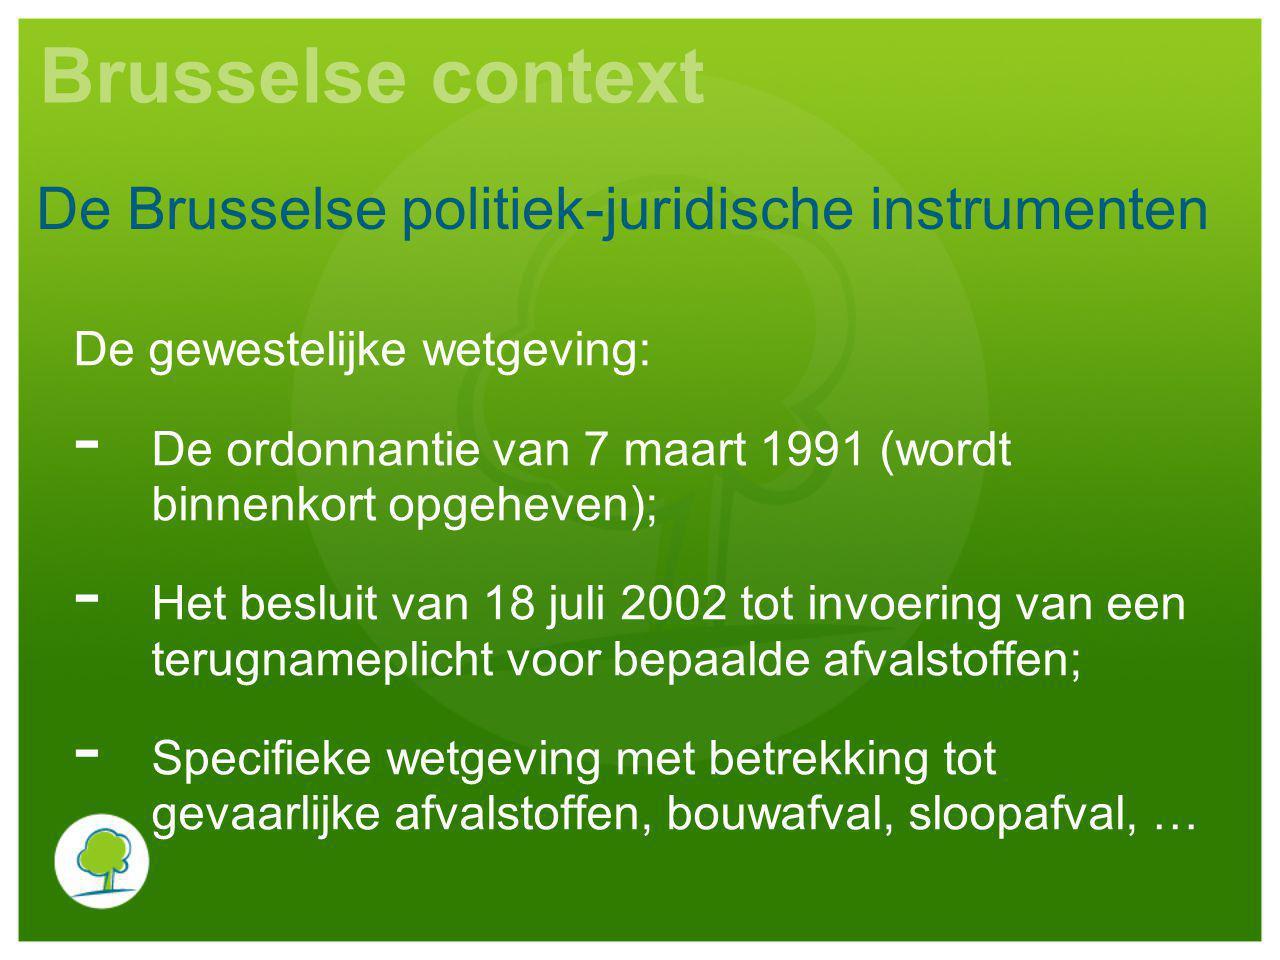 Brusselse context De gewestelijke wetgeving: - De ordonnantie van 7 maart 1991 (wordt binnenkort opgeheven); - Het besluit van 18 juli 2002 tot invoering van een terugnameplicht voor bepaalde afvalstoffen; - Specifieke wetgeving met betrekking tot gevaarlijke afvalstoffen, bouwafval, sloopafval, … De Brusselse politiek-juridische instrumenten